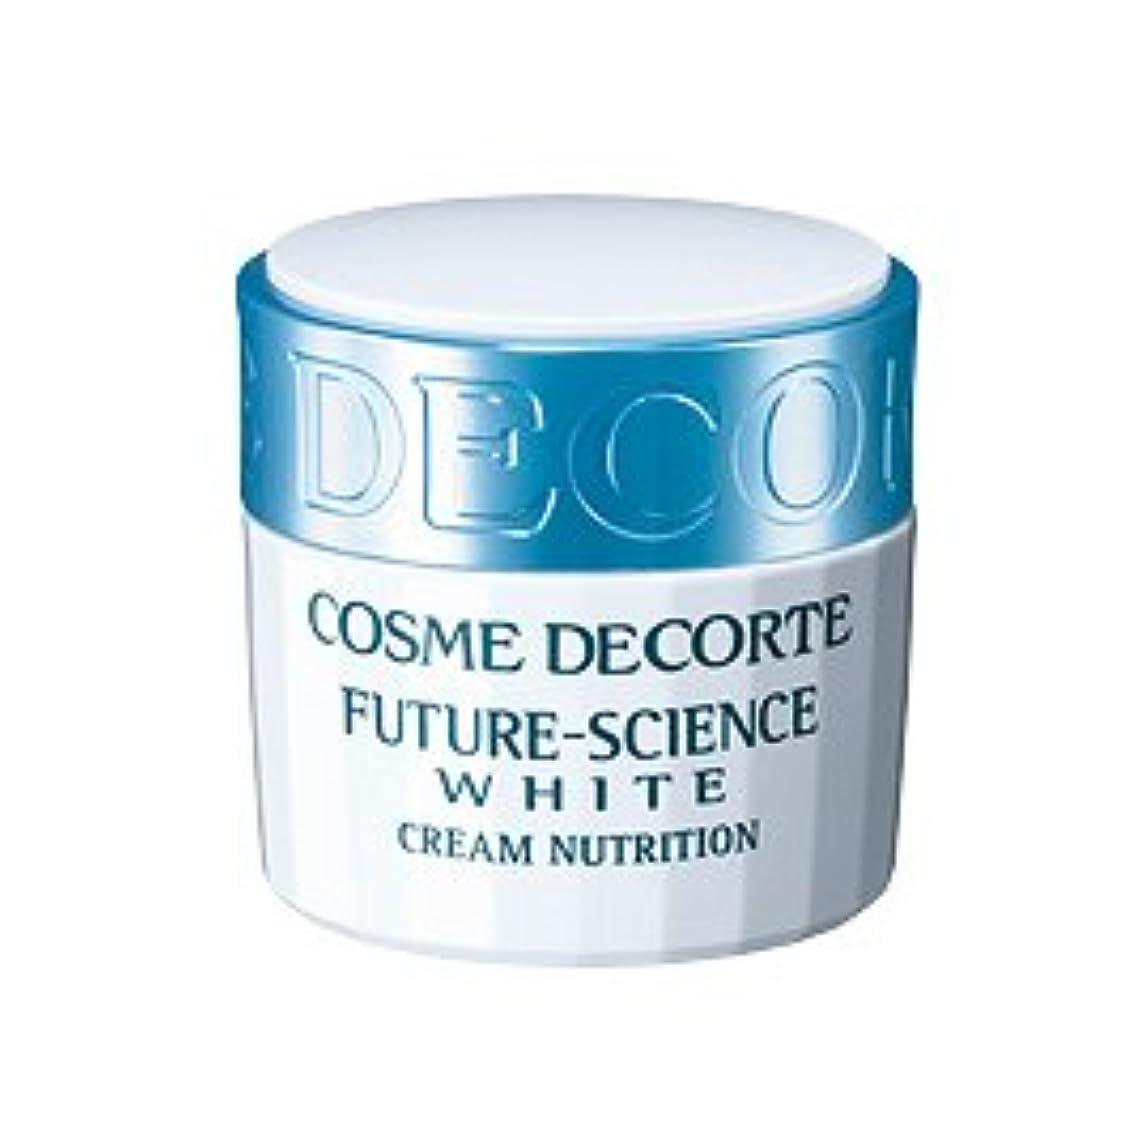 アナウンサー適切に恒久的COSME DECORTE コスメ デコルテ フューチャー サイエンス ホワイト クリーム ニュートリション 40g [並行輸入品]